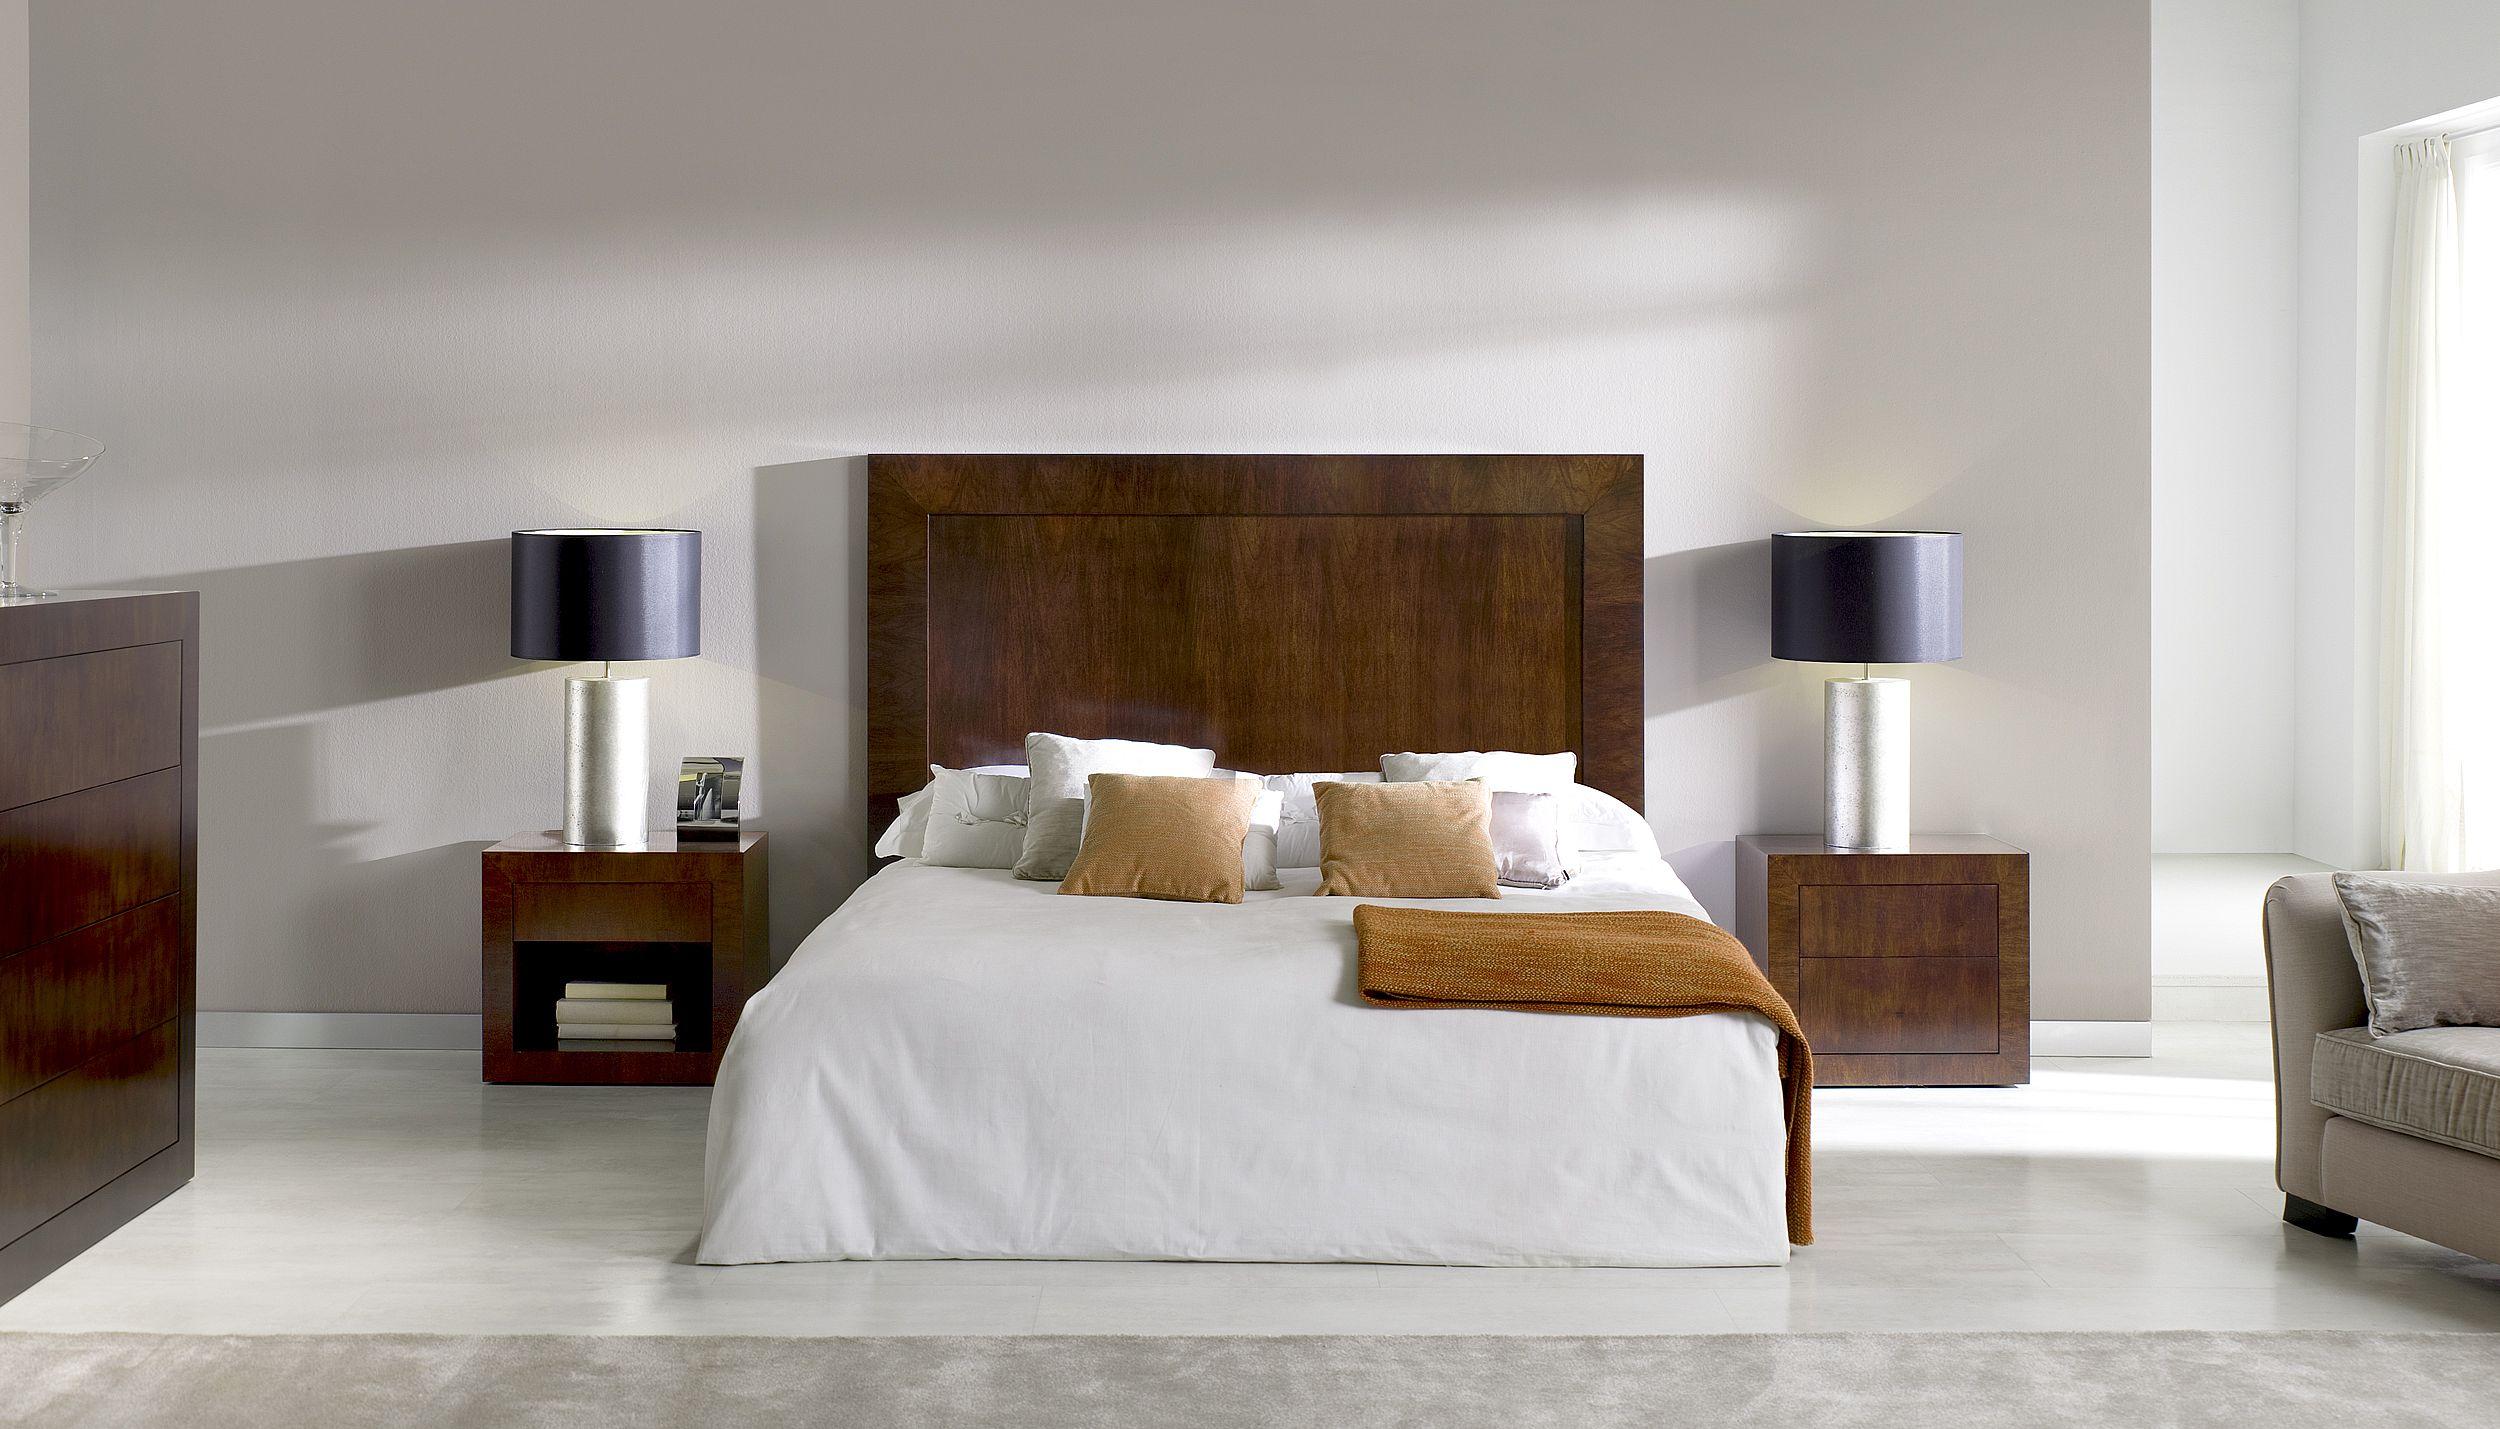 Mesita dormitorio de diseo contemporneo alta decorcain